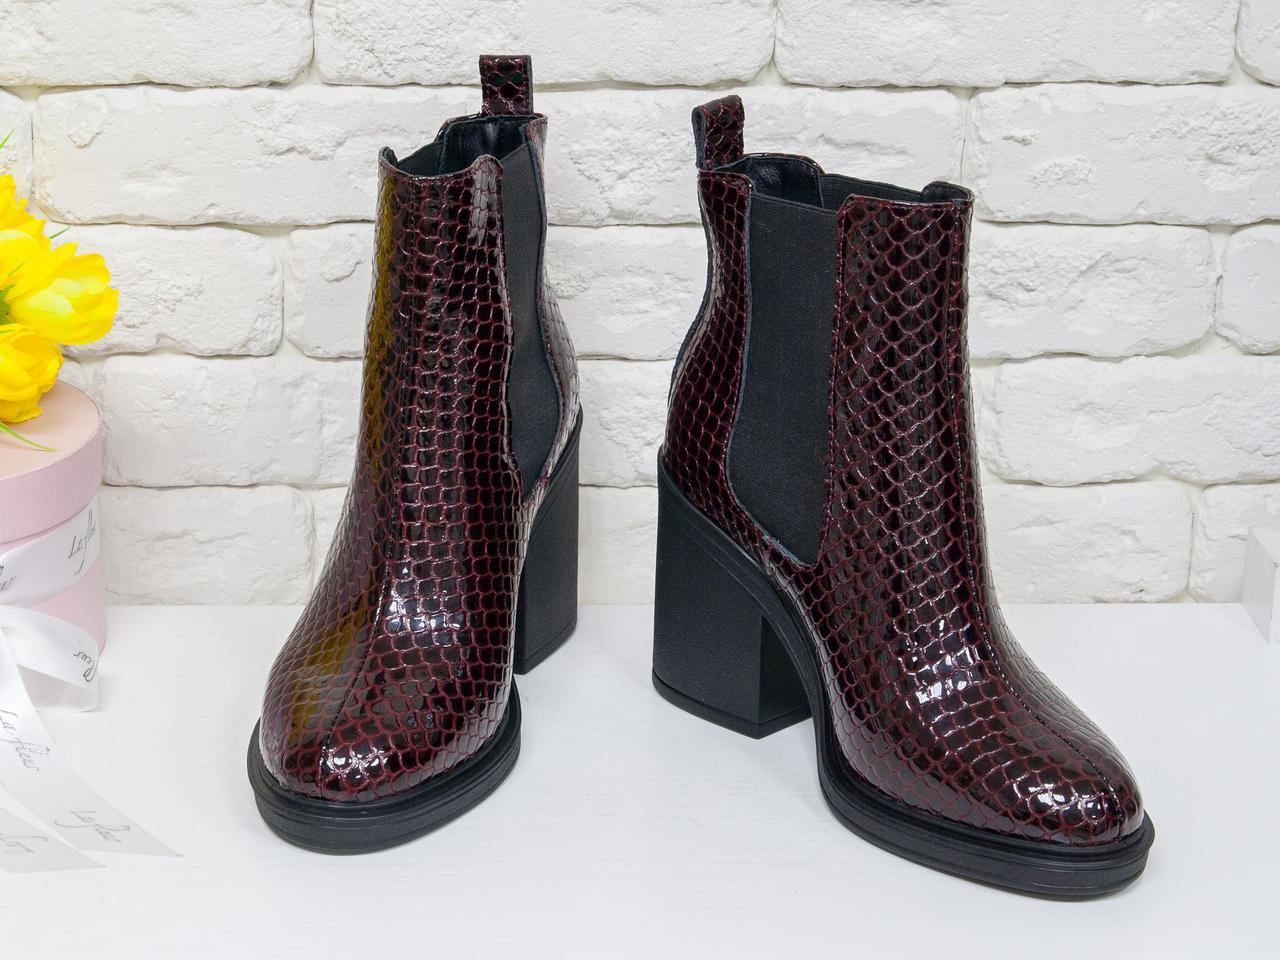 Ботинки стильные на каблуке из натуральной лаковой кожи питон красивого бордового цвета, свободного одевания